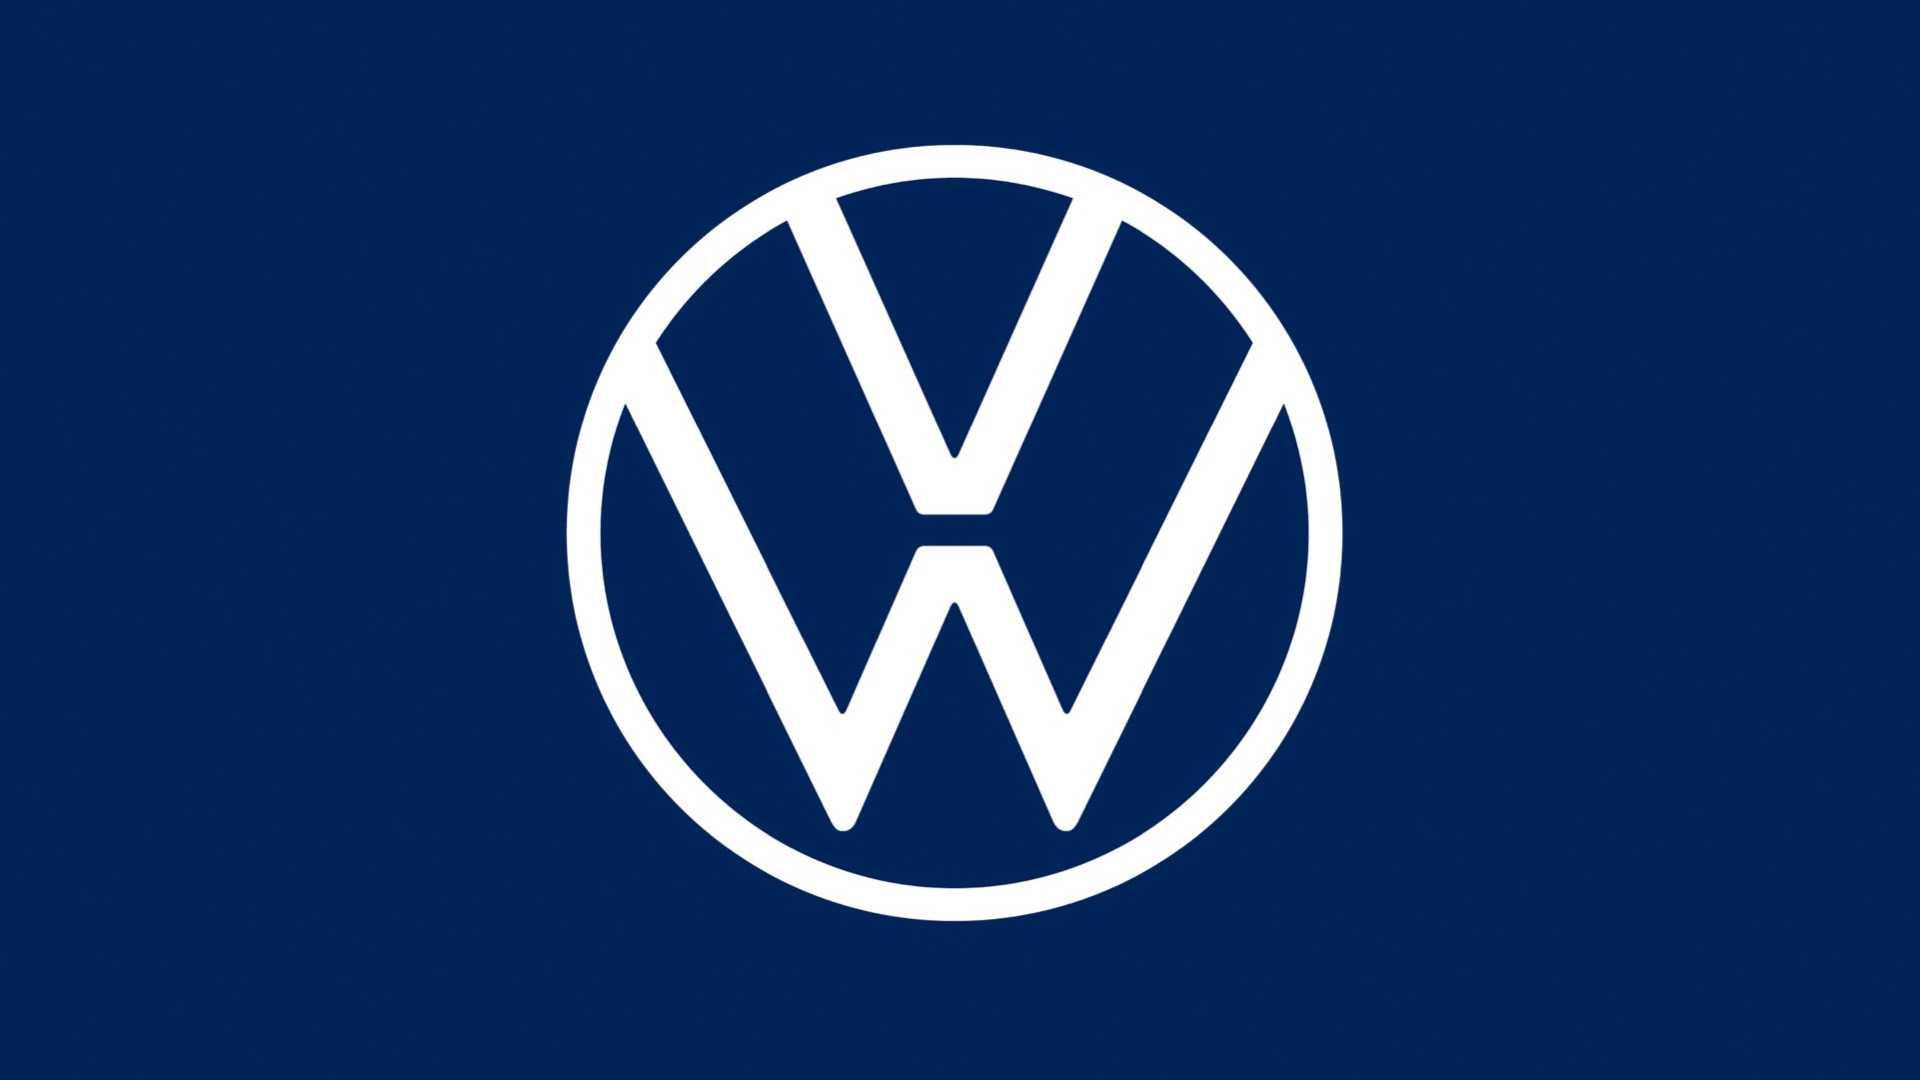 Nuovo logo Volkswagen. Una nuova era per l'azienda.